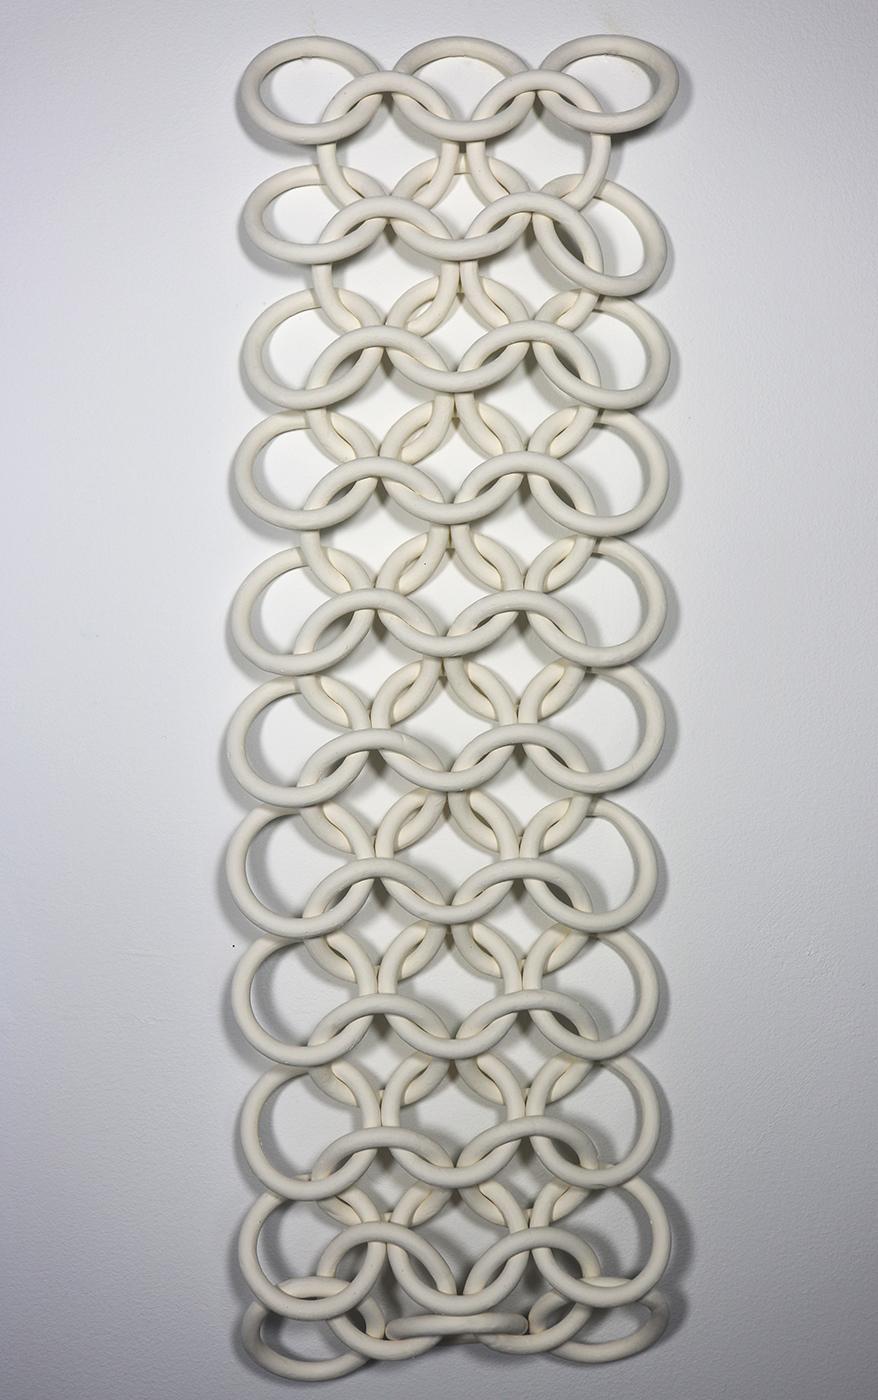 08 Chain.jpg